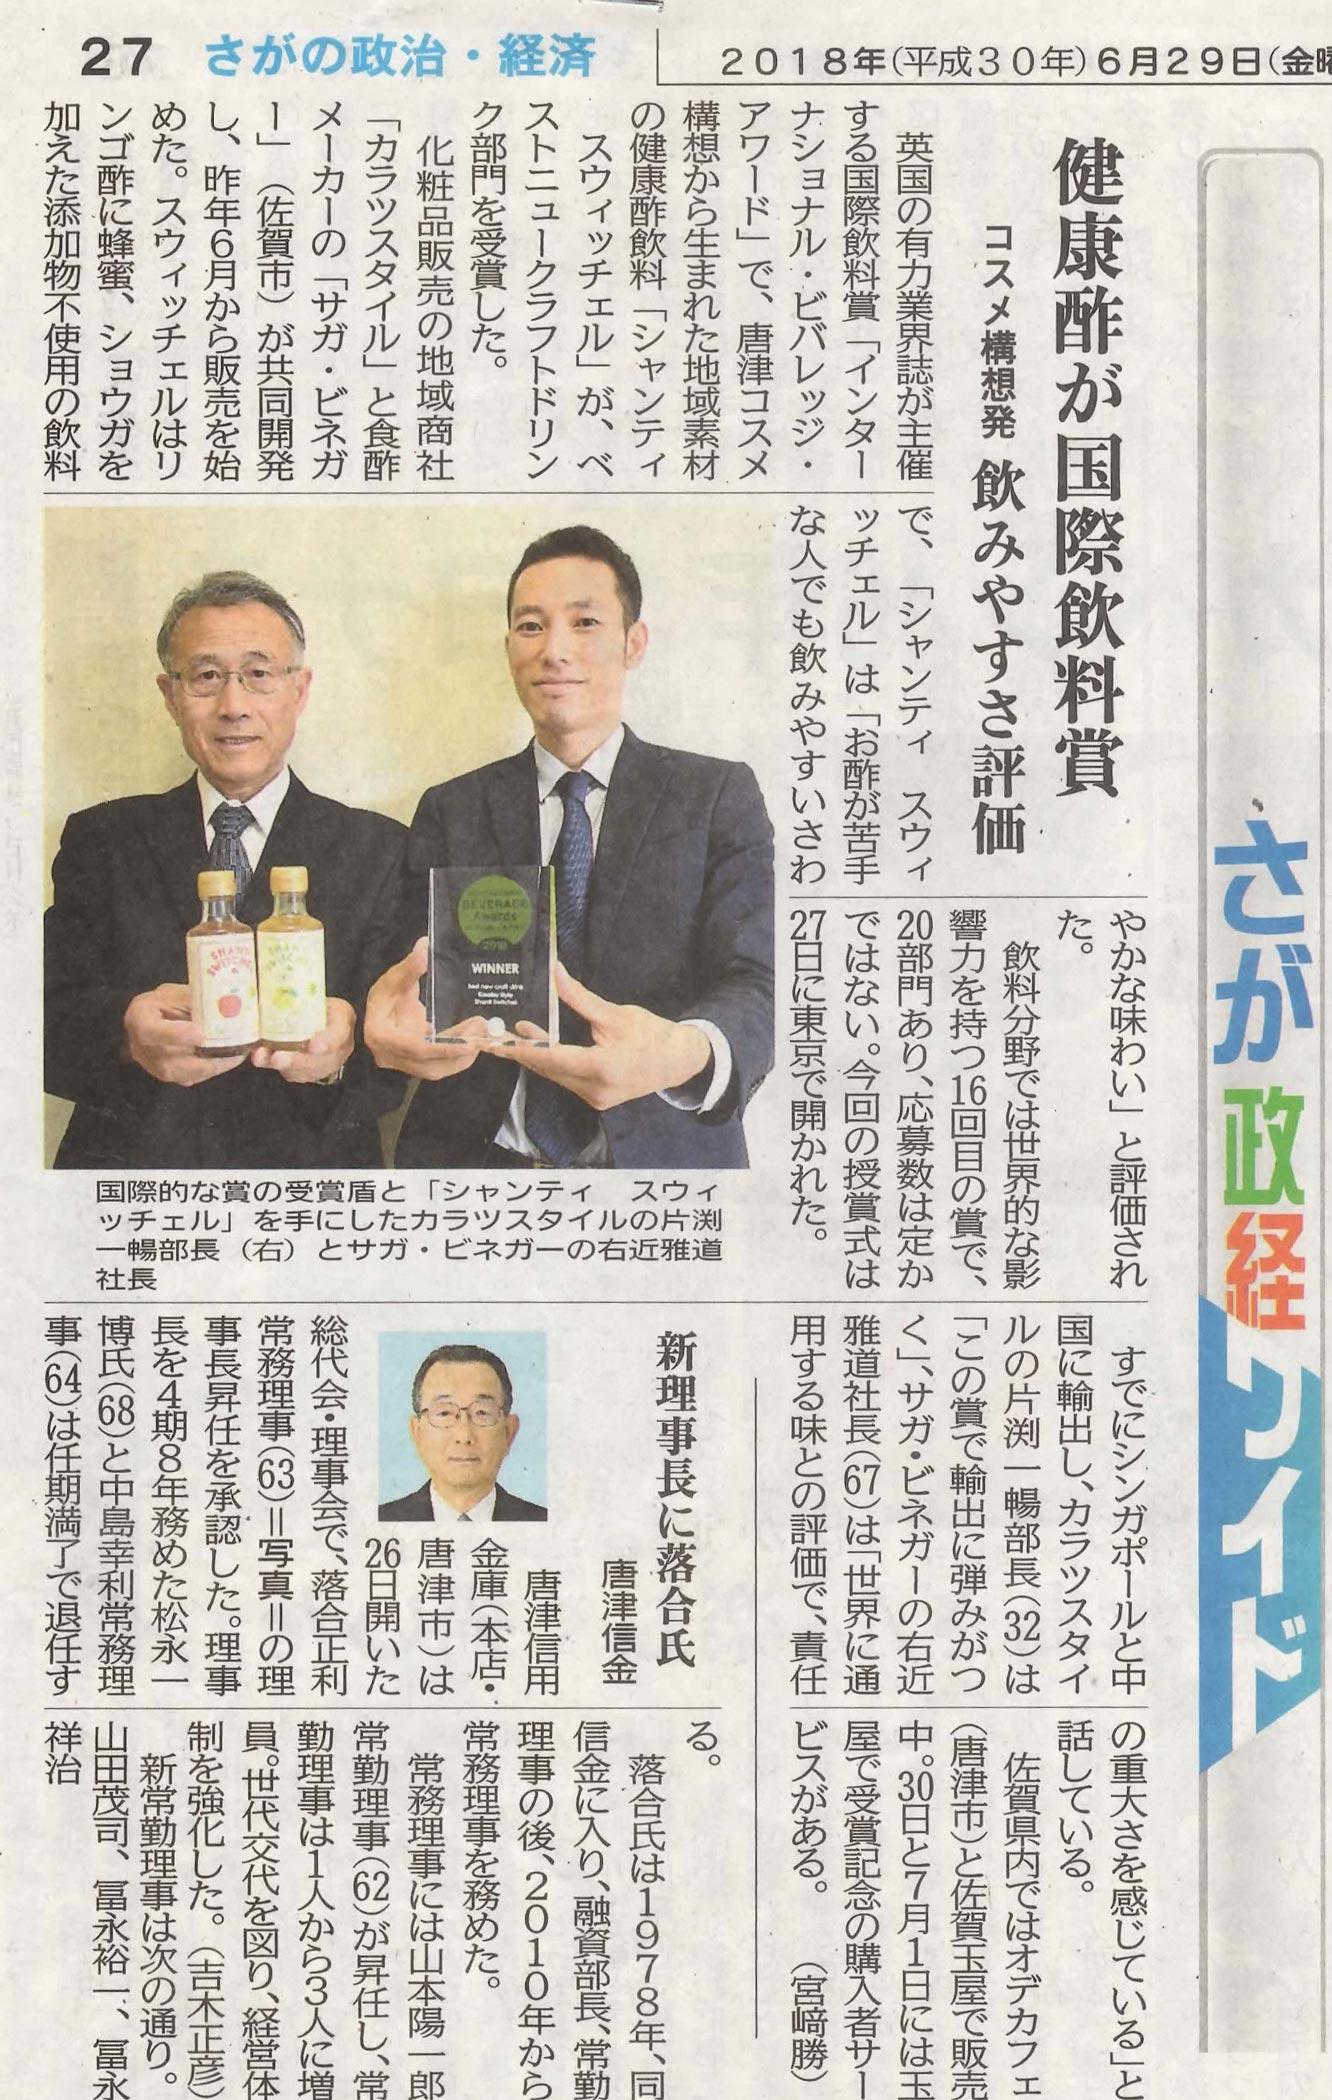 新聞掲載 2018年(平成30年)6月29日 佐賀新聞 「健康酢が国際飲料賞」